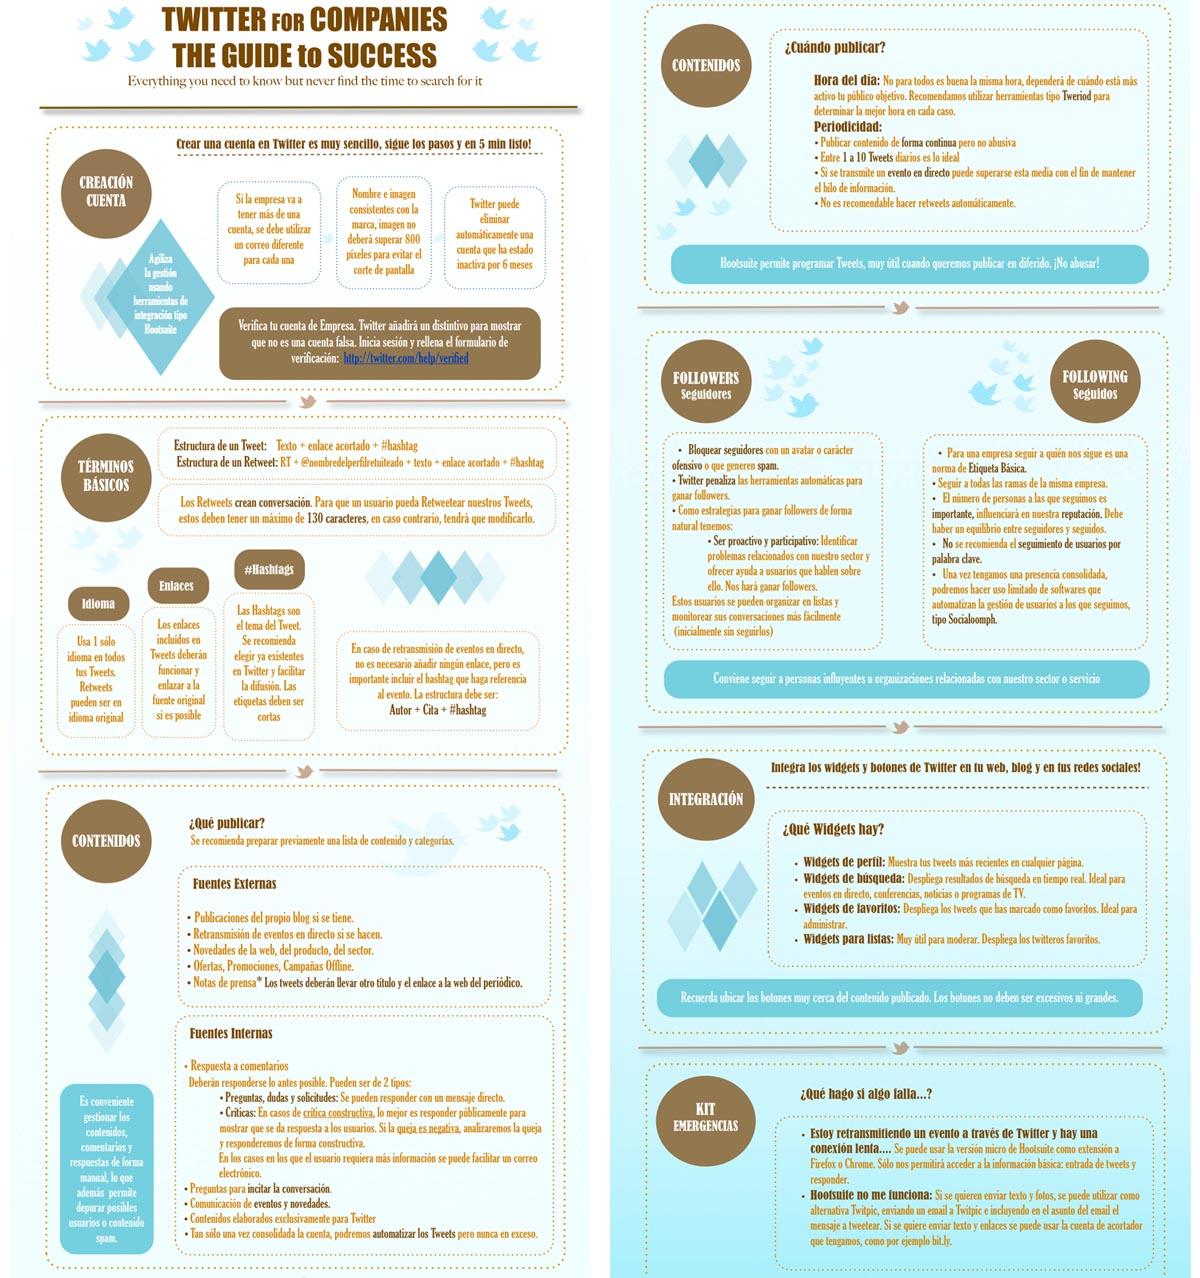 Guía de twitter para empresas